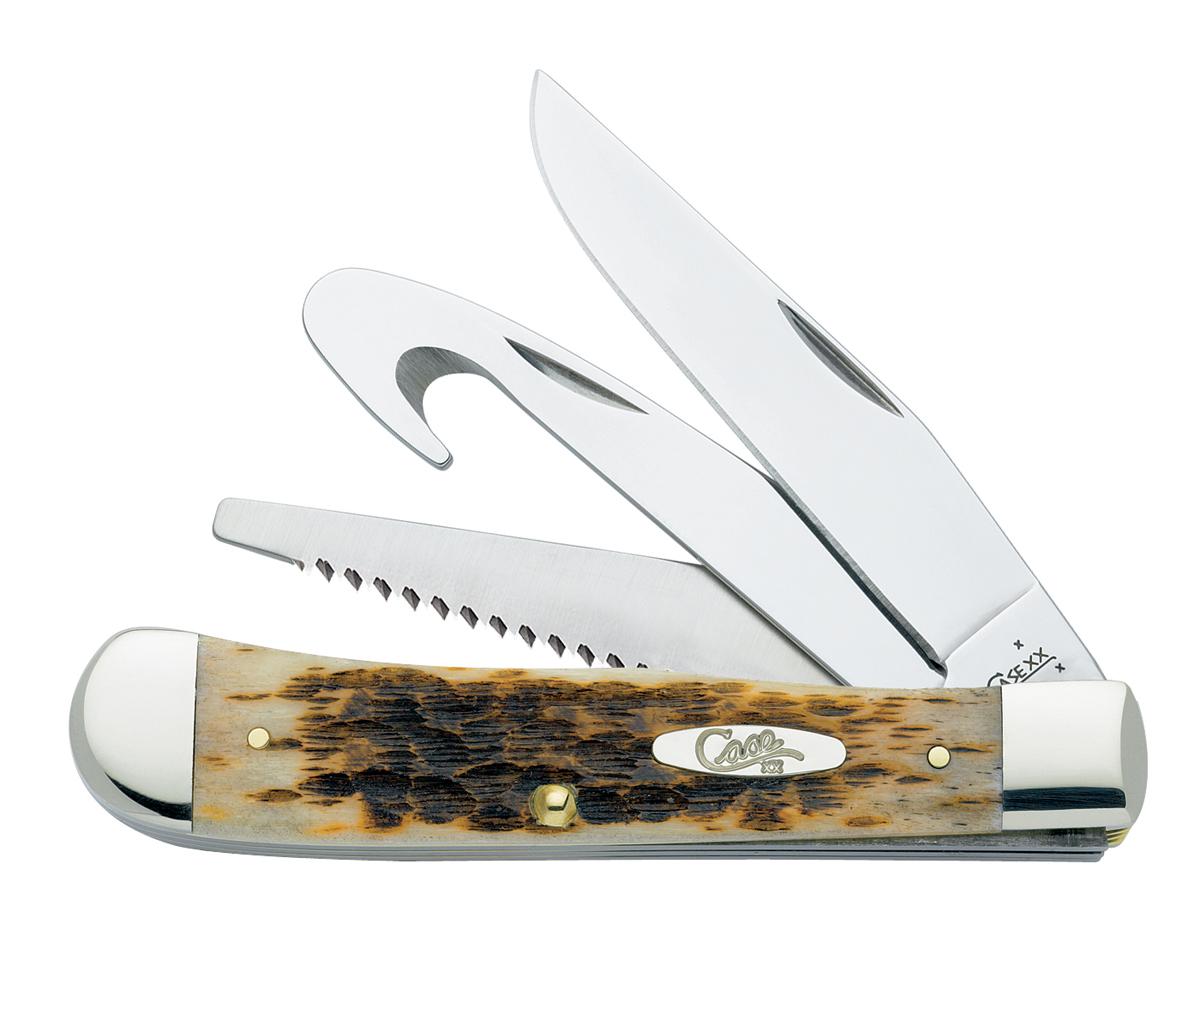 CASE XX KNIFE 149 AMBER BONE HUNTER TRAPPER